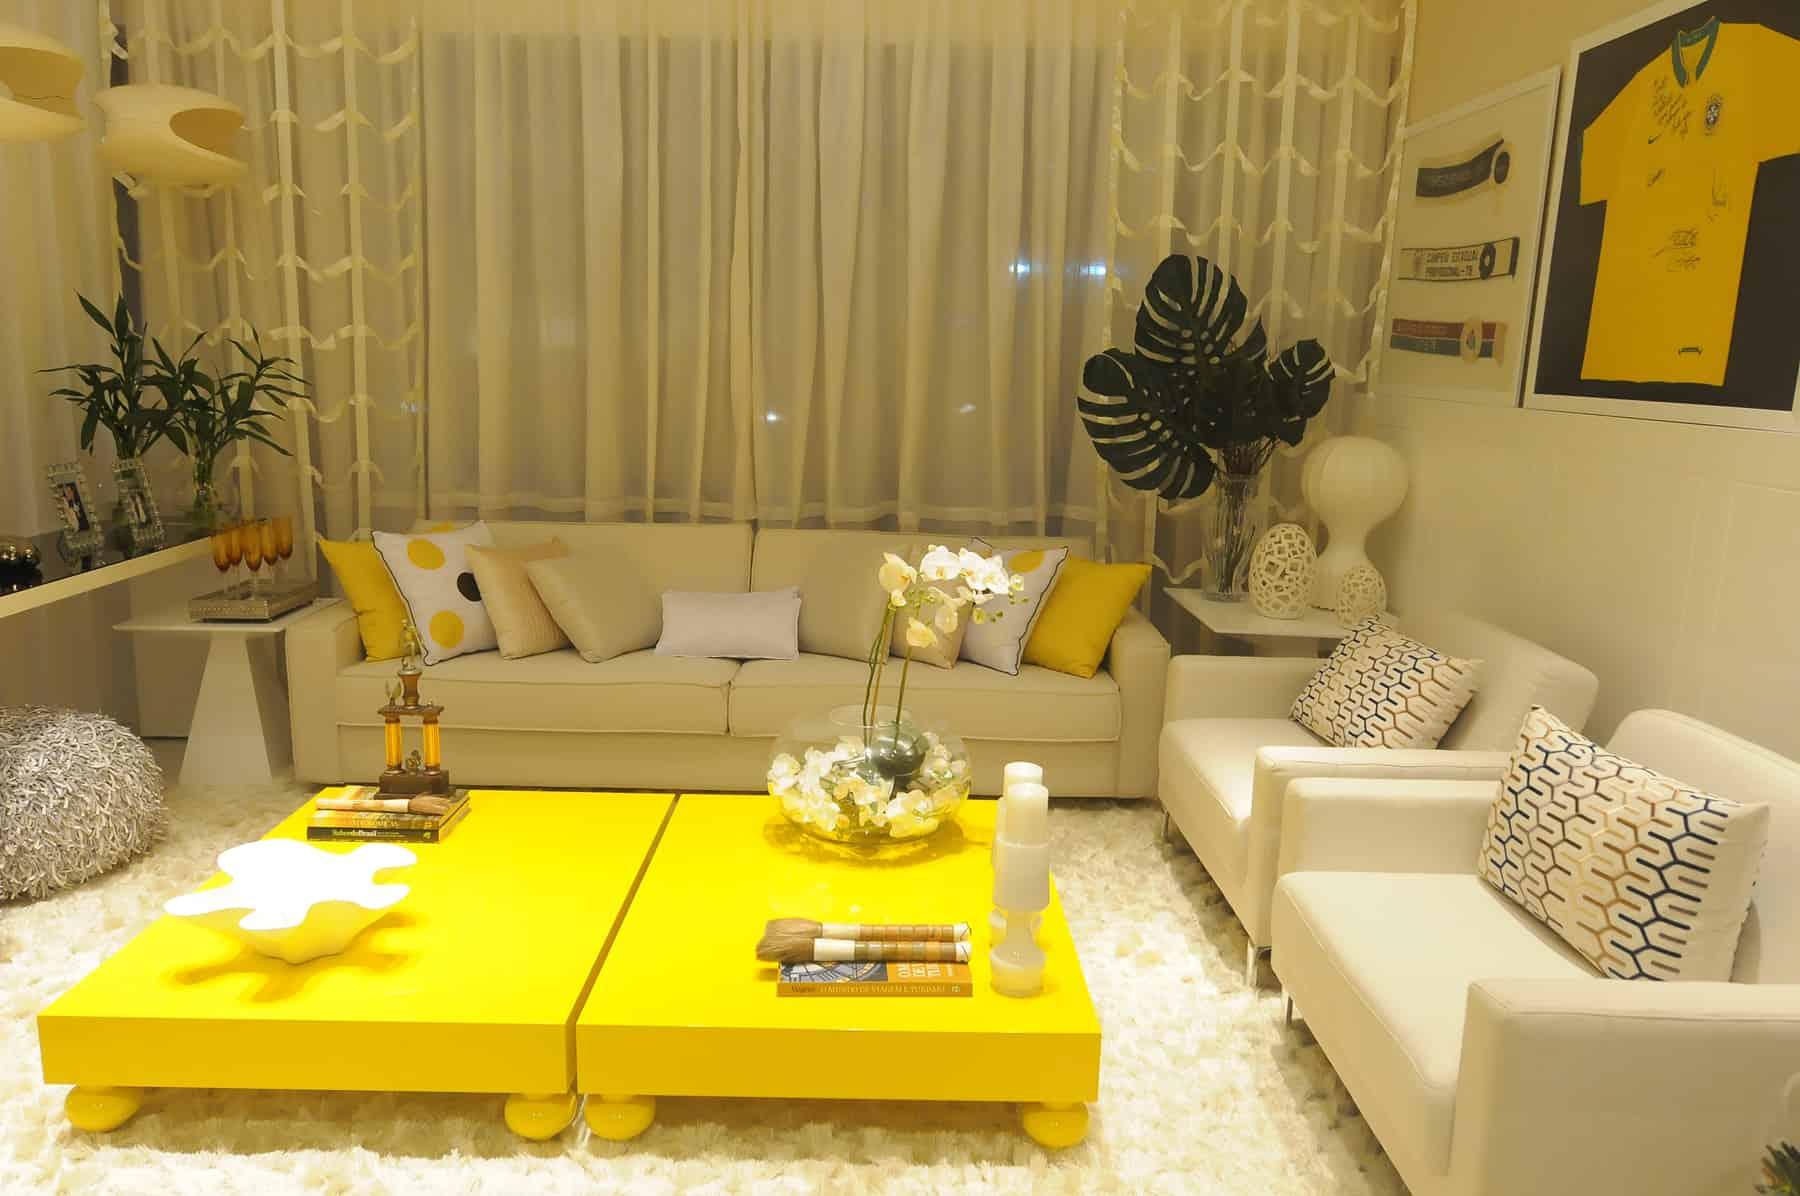 amarelo usado na mesa de centro tendencia 2016